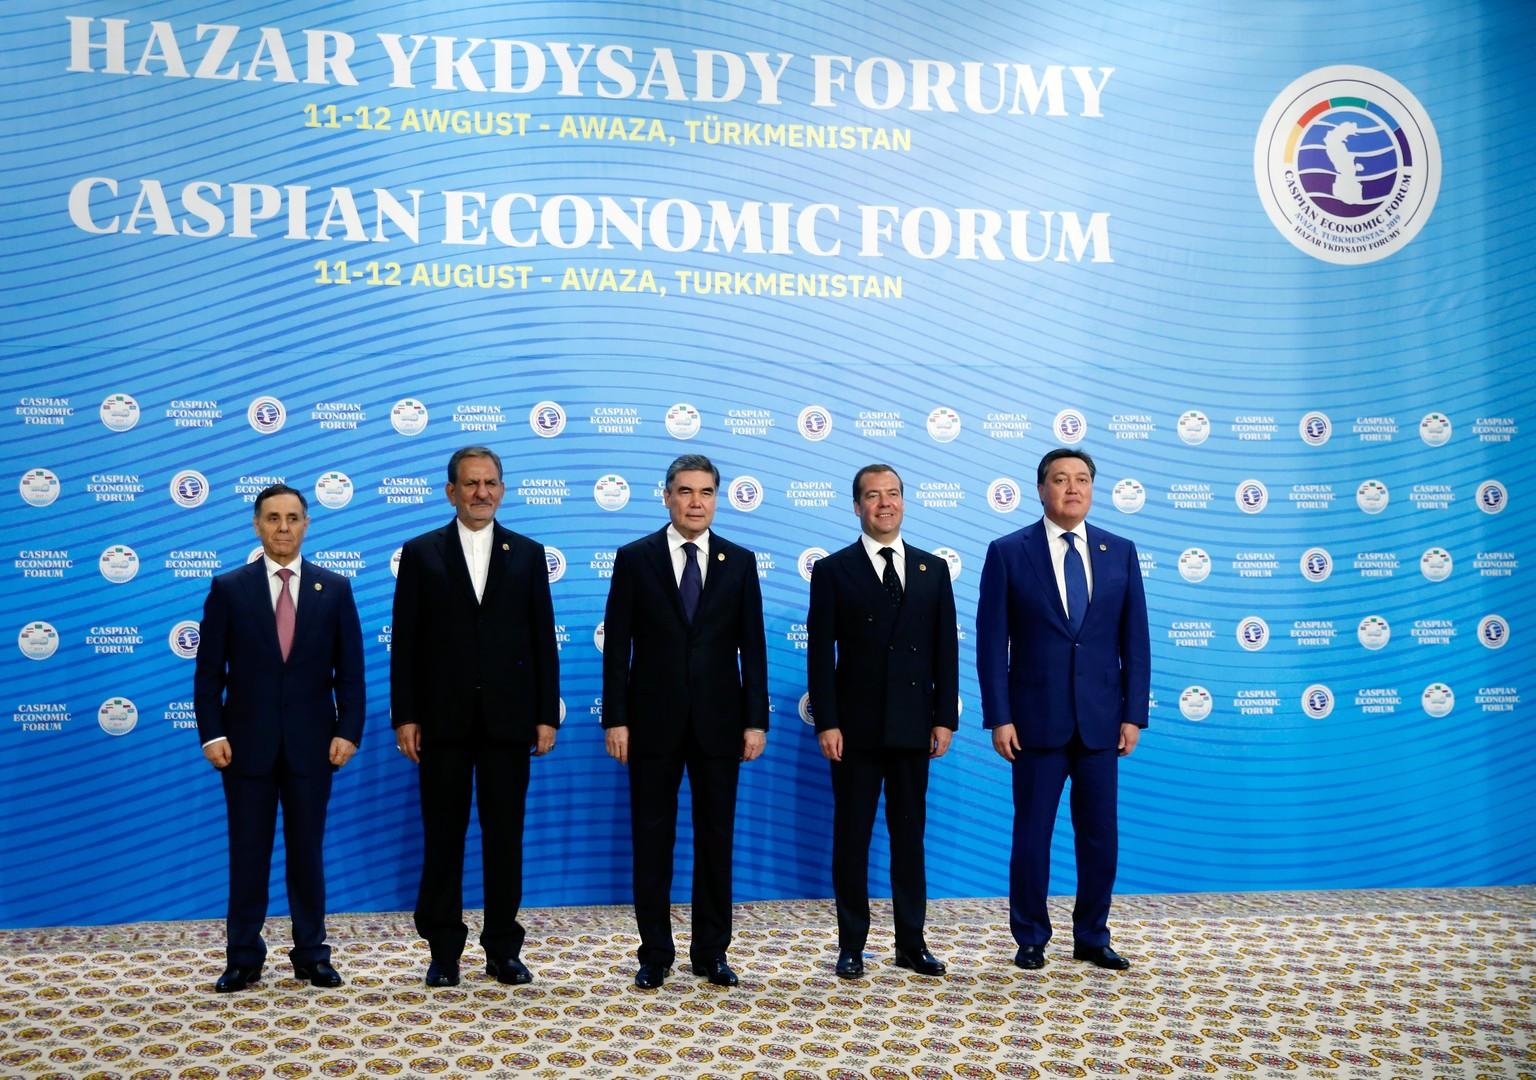 موسكو تدعو دول بحر قزوين لتحرير التجارة